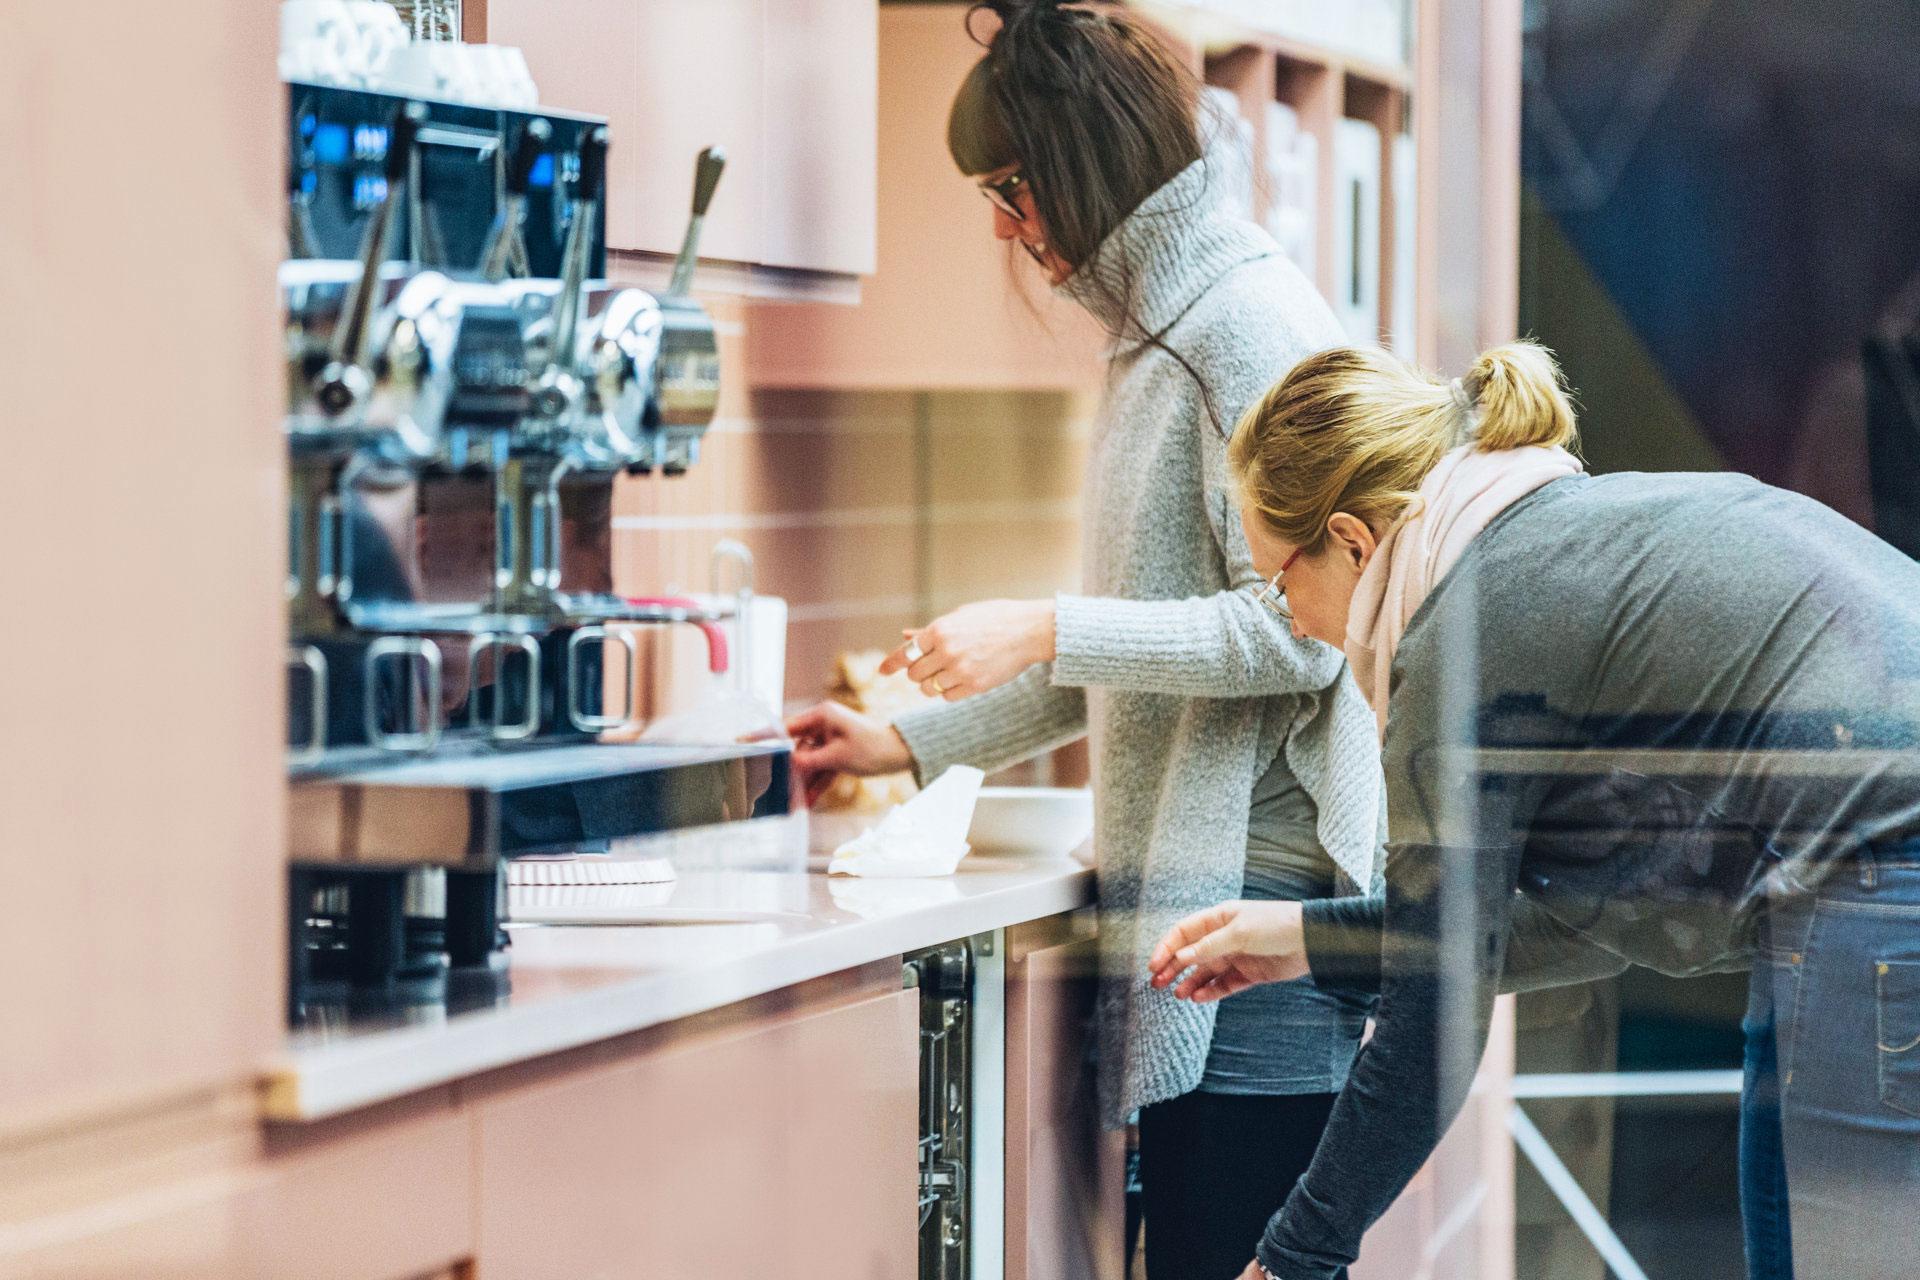 Kaffemaskinen hos expectrum i Västerås. Fotograf: Af Adam